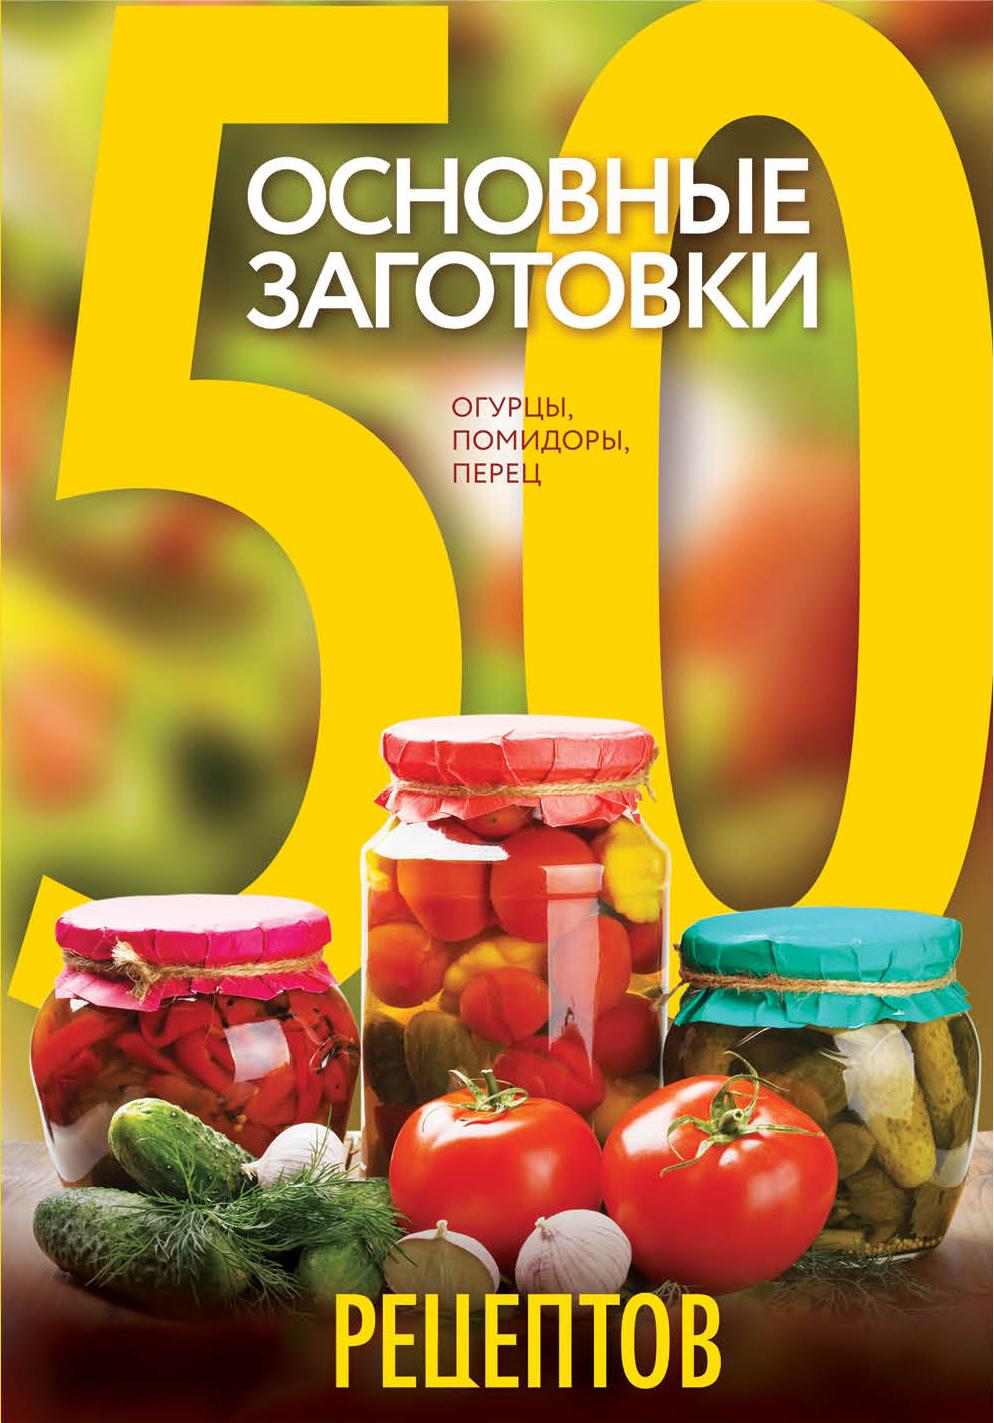 50 рецептов. Основные заготовки. Огурцы, помидоры, перец анастасия колпакова арбуз дыня алыча и другие южные культуры выращиваем в средней полосе